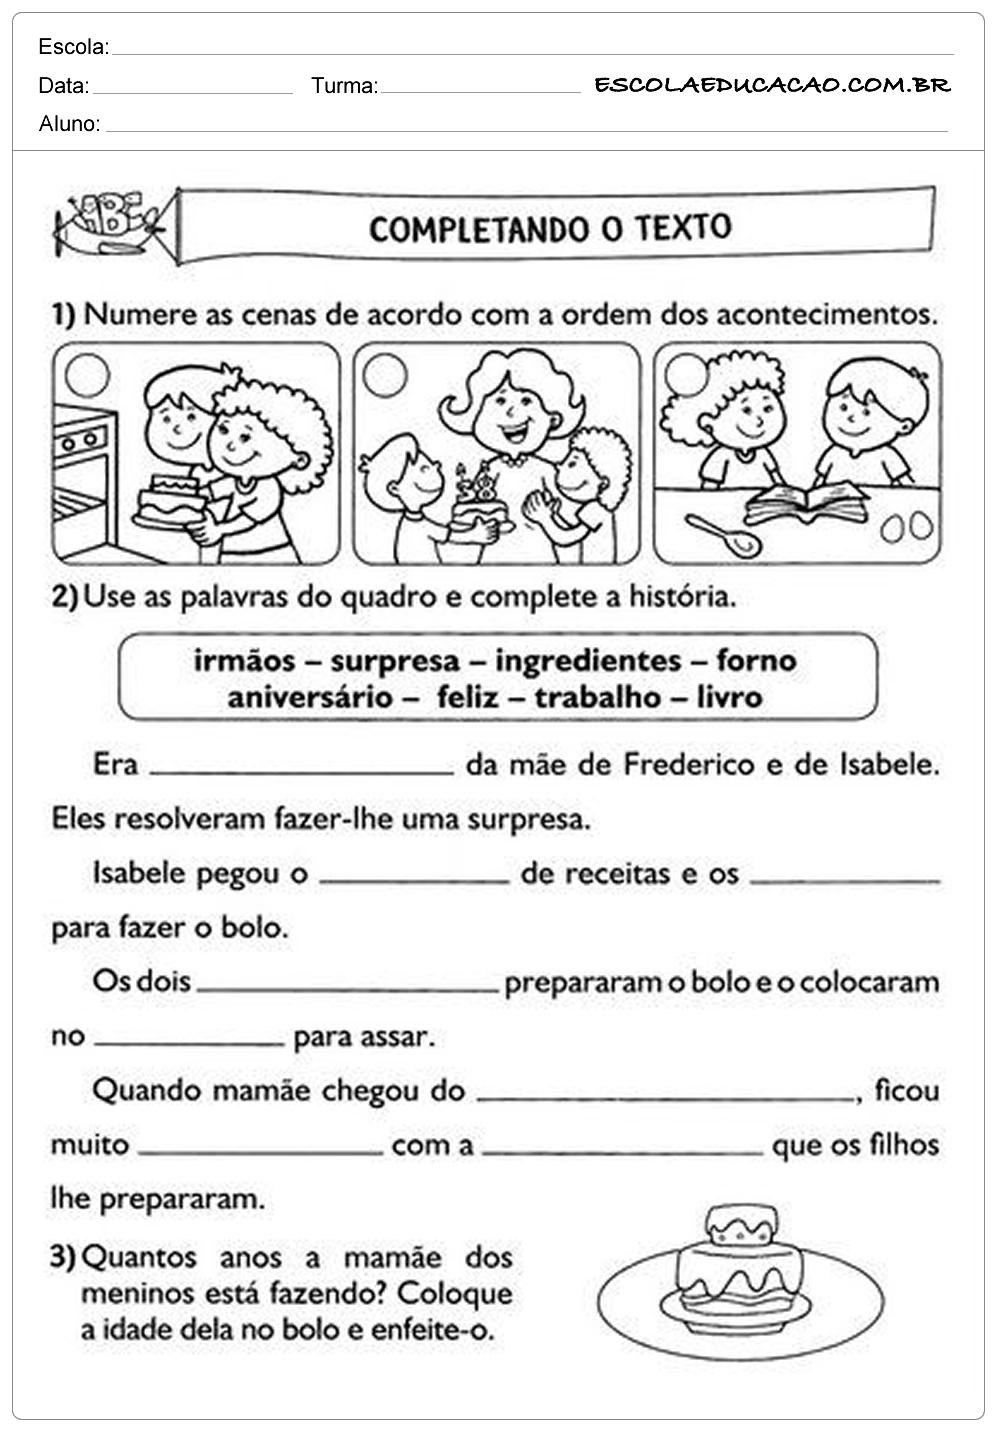 Atividades de Português 2º ano – Completando o Texto